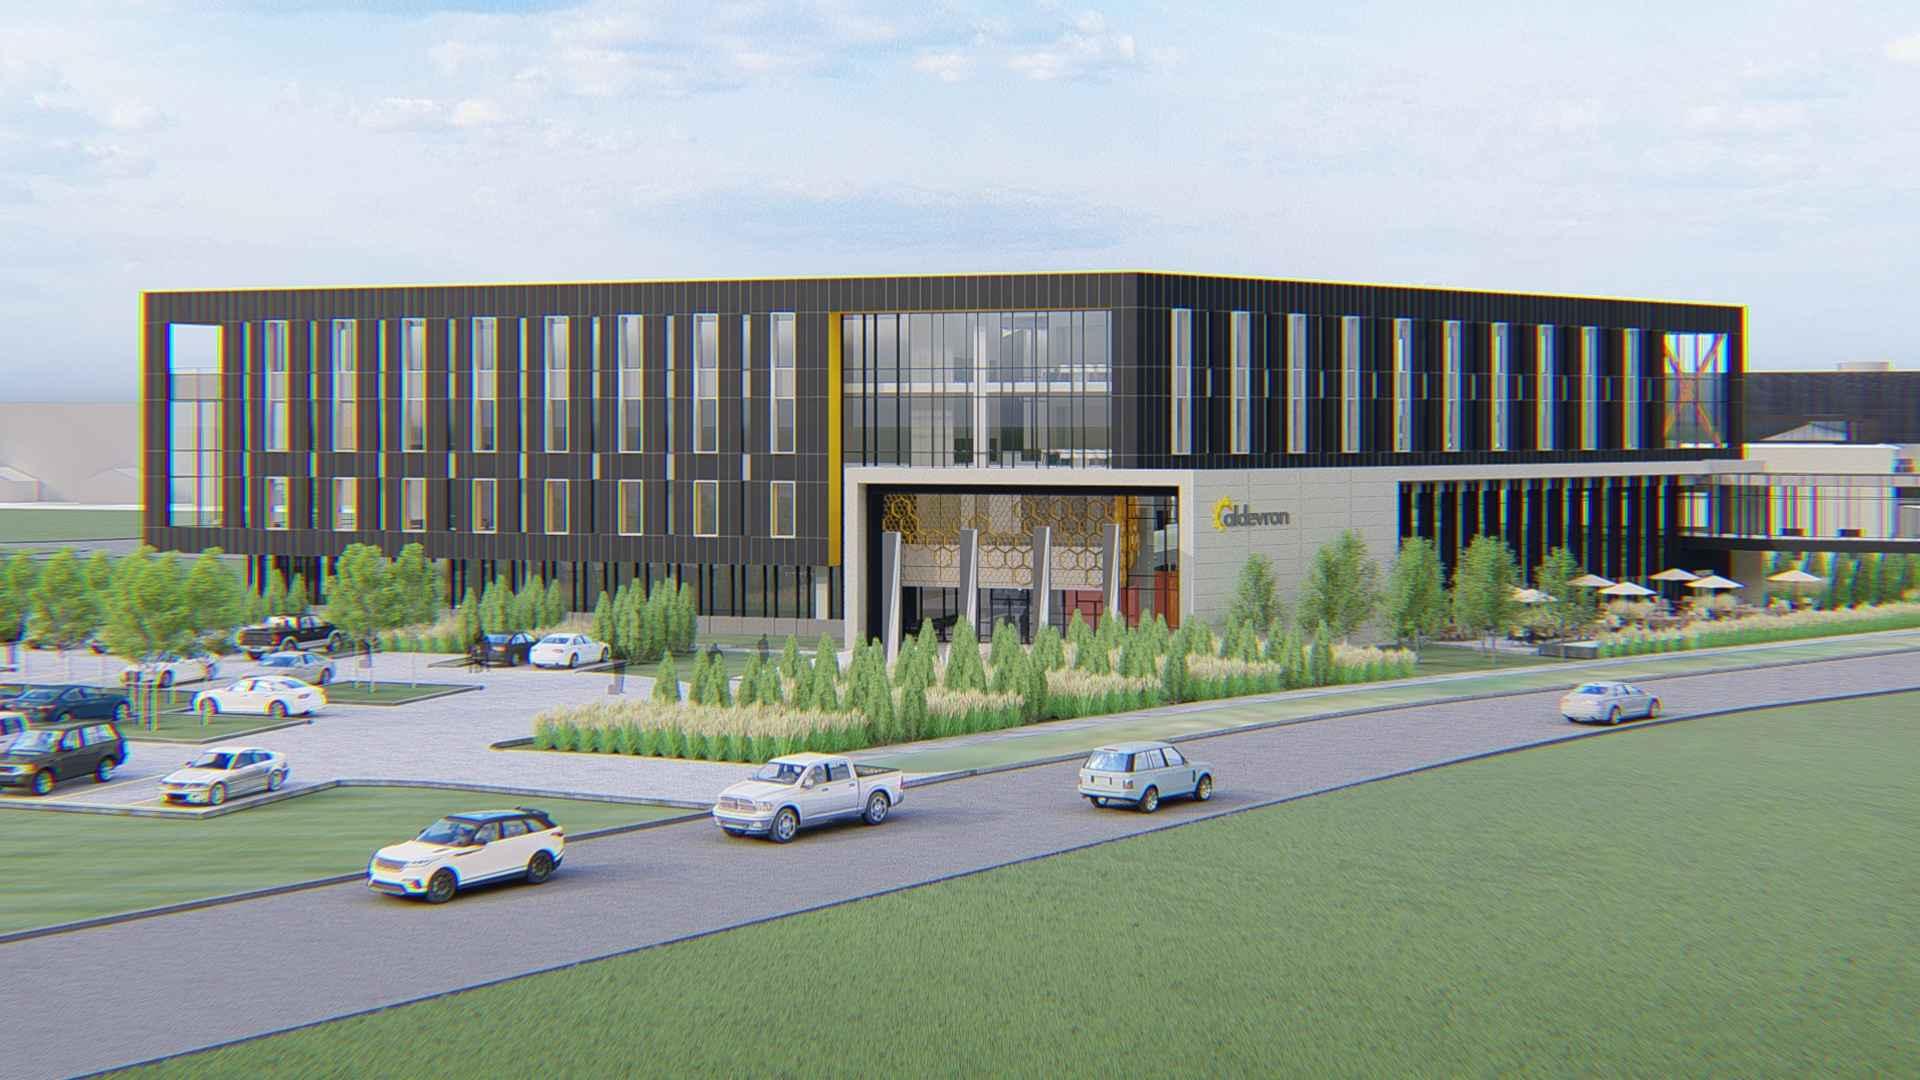 Aldevron campus designed in SketchUp